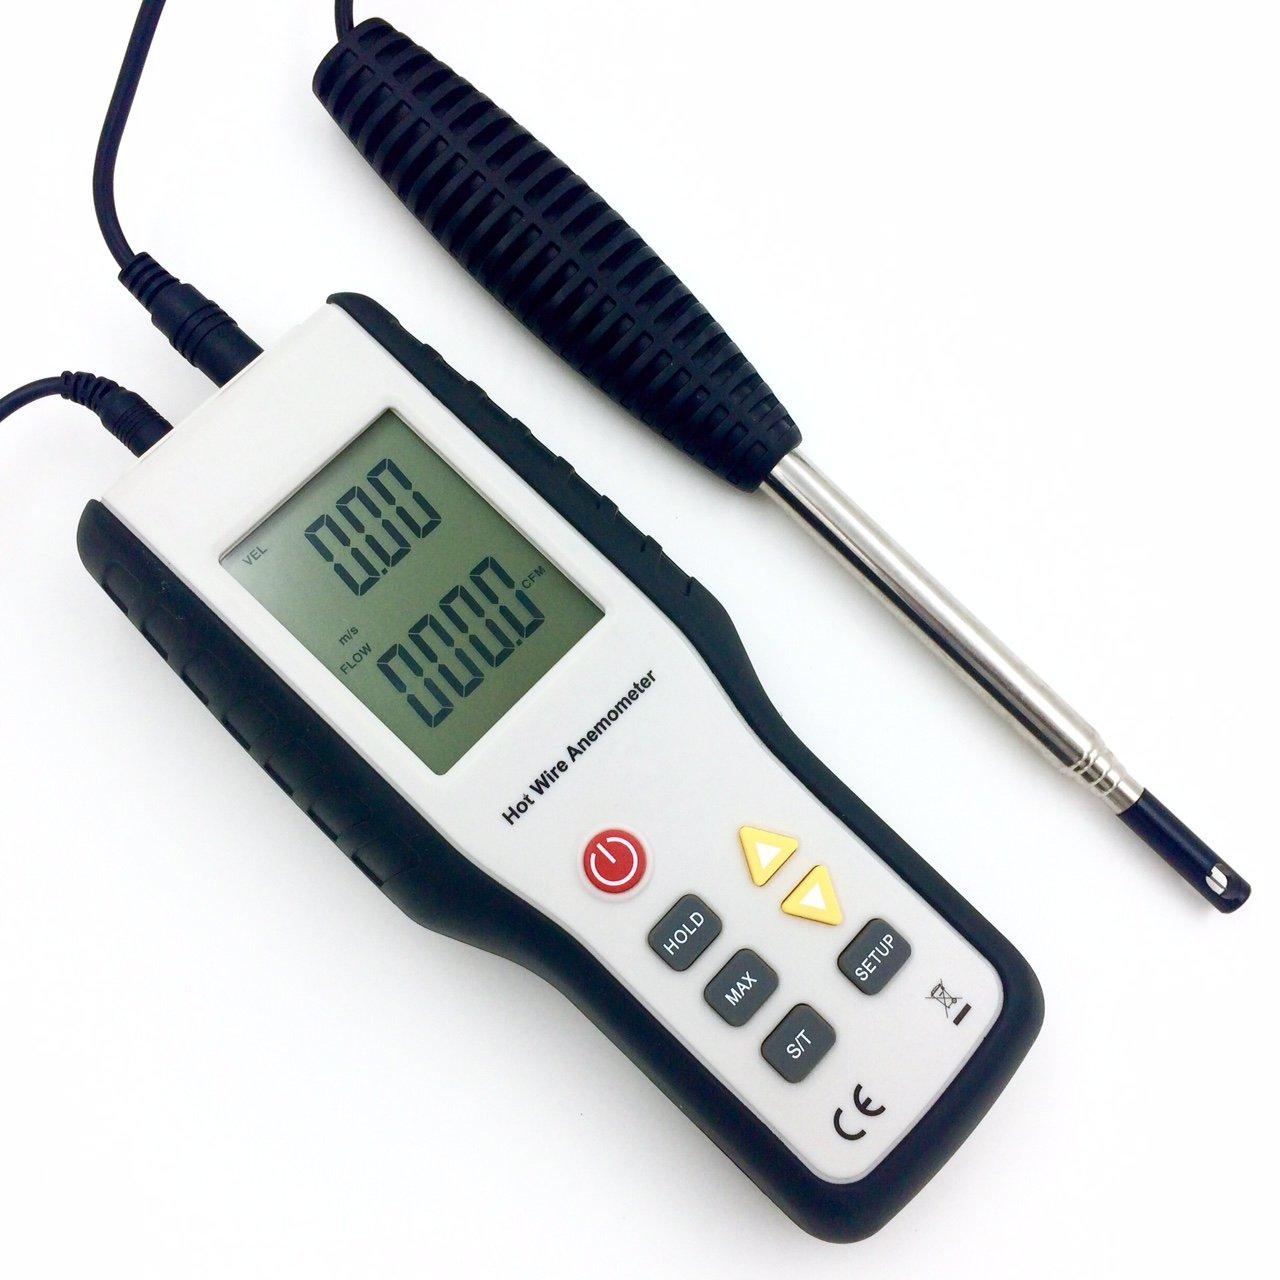 Perfect-Prime WD9829, Precise Sensitive HotwireThermal Anemometer Probe w/Telescopic Handle 41''